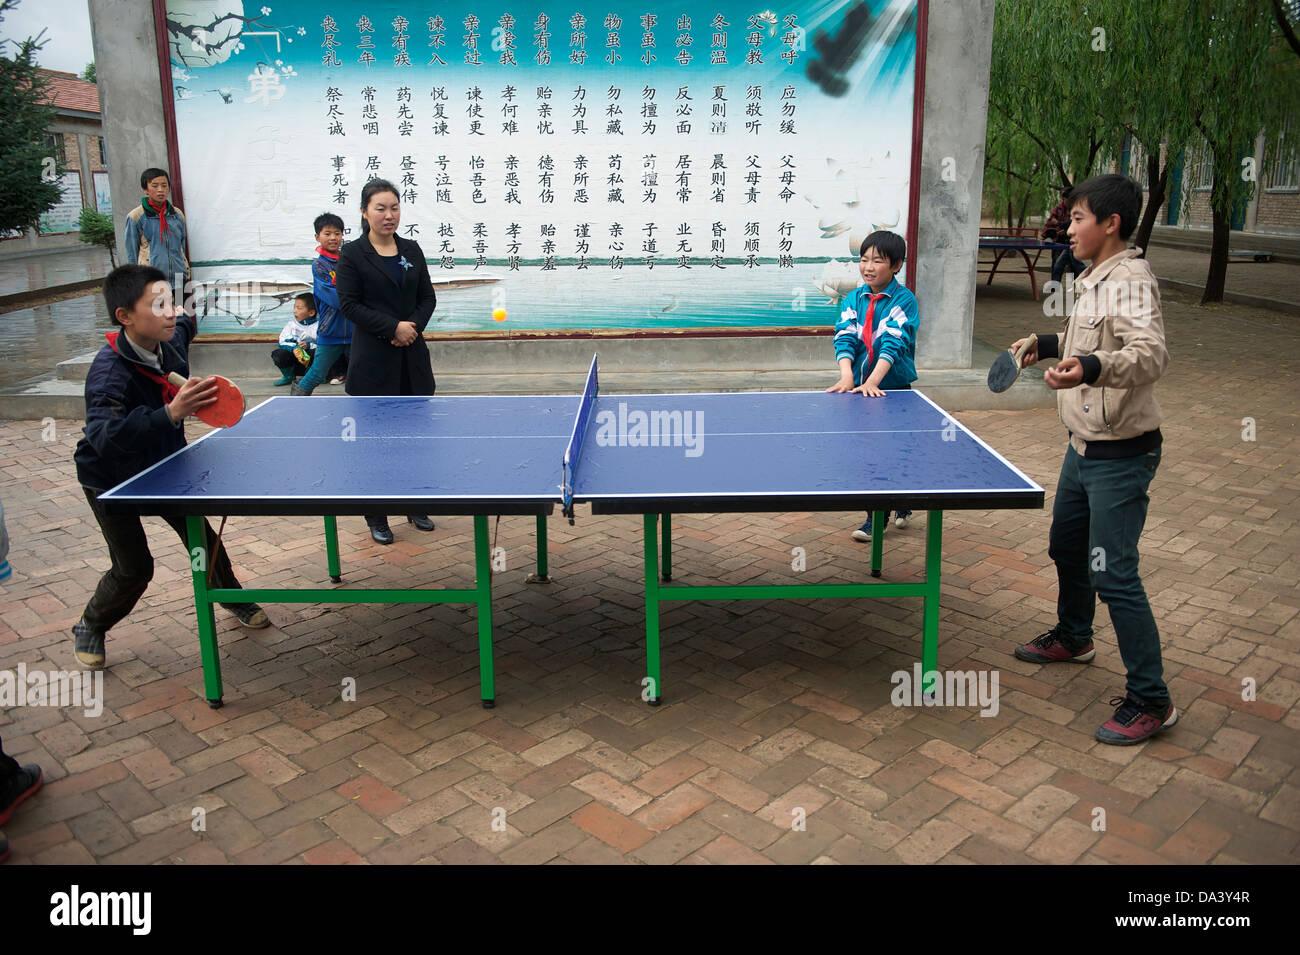 Les élèves des écoles primaires jouer au tennis de table dans Haiyuan, région autonome hui du Photo Stock